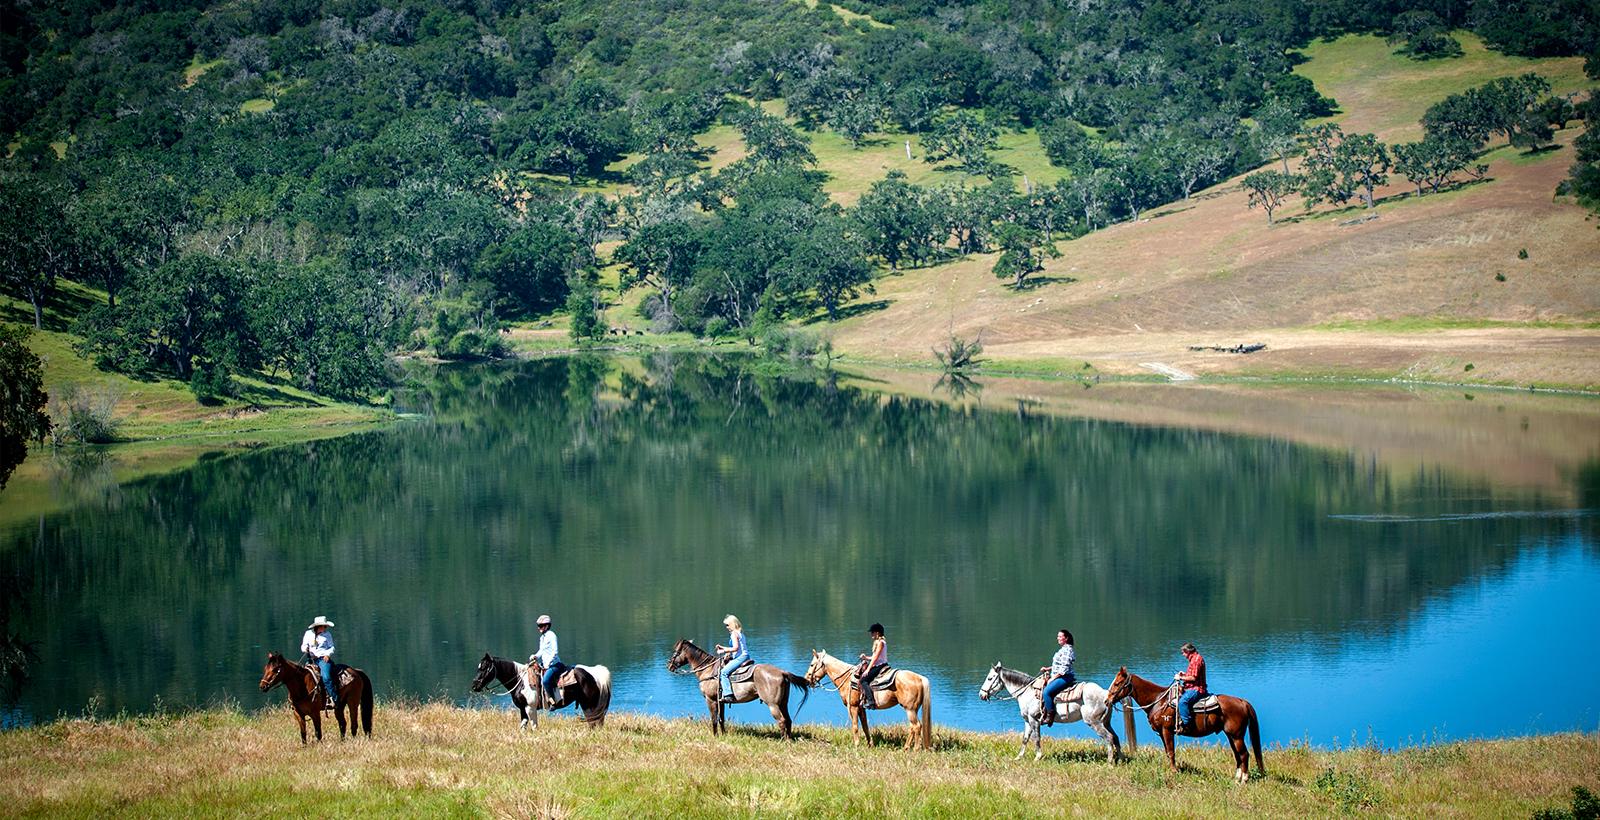 Horseback riding at The Alisal